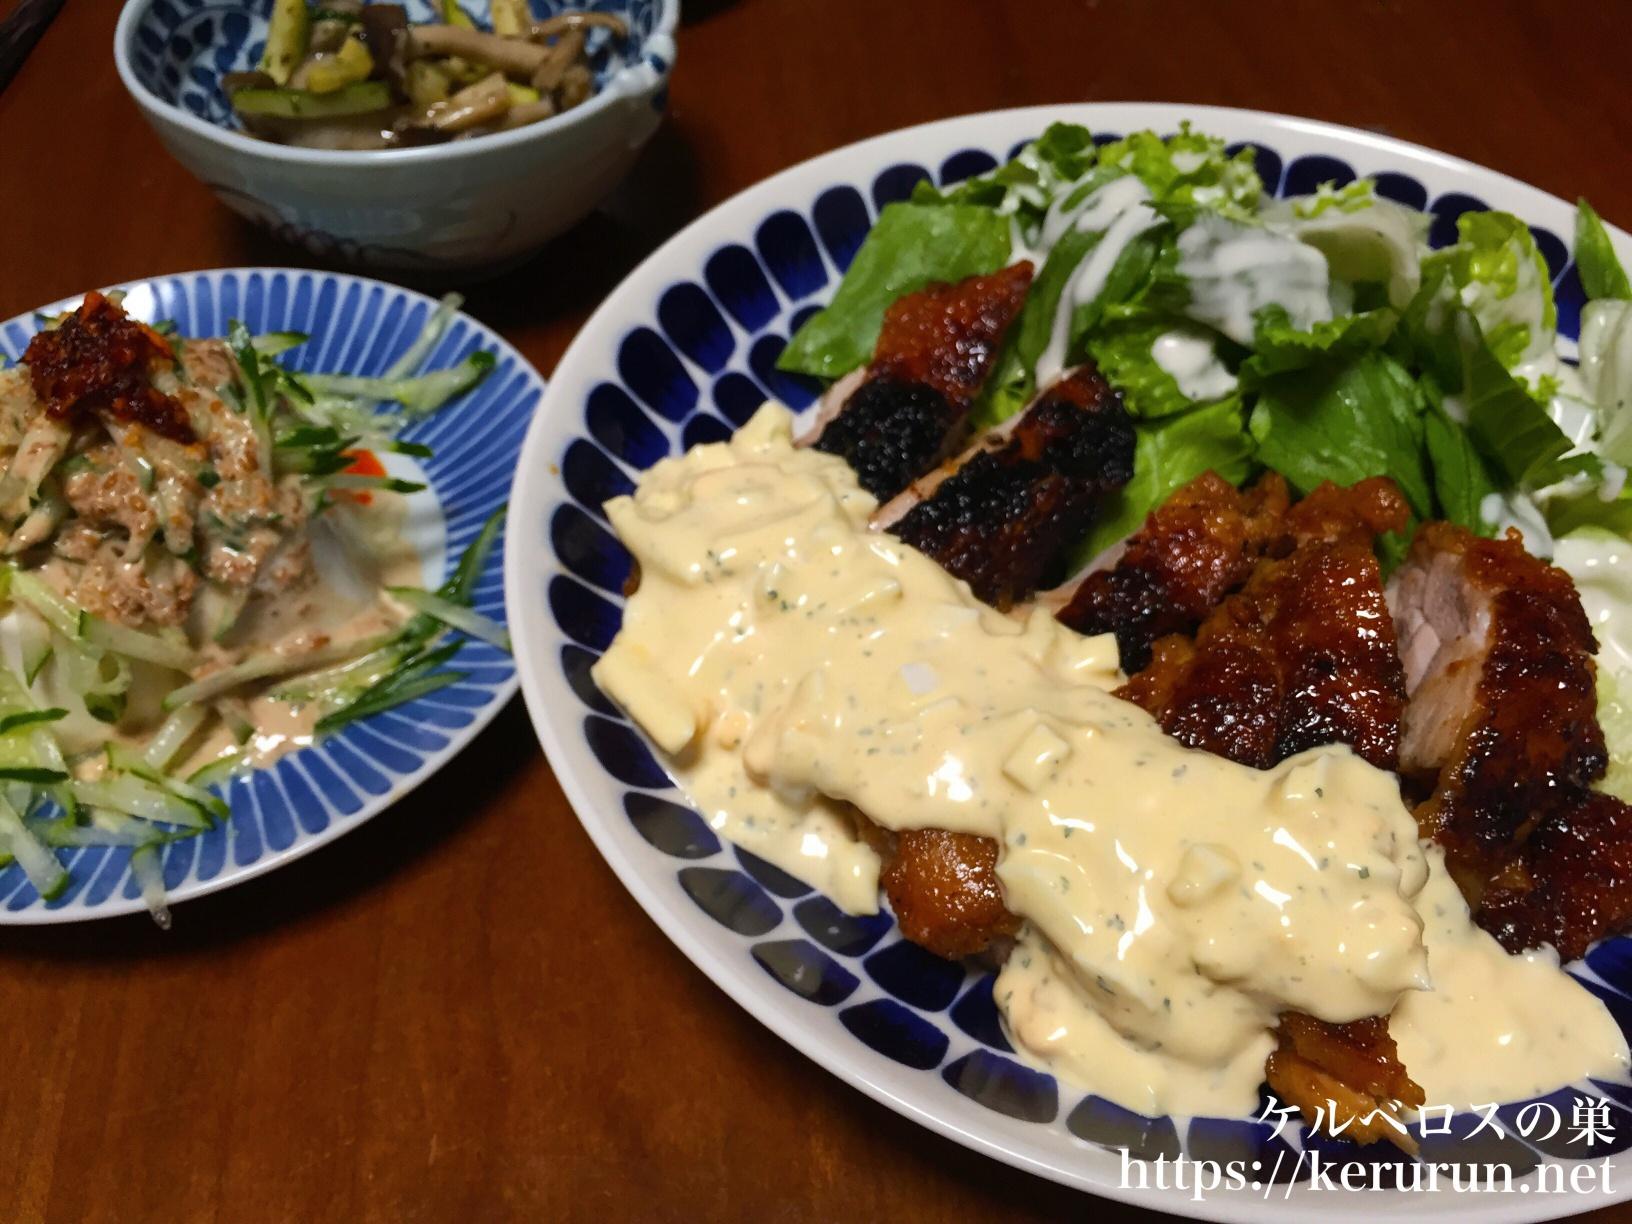 夕飯LOG 20180601鶏肉の照り焼きタルタルソースがけ